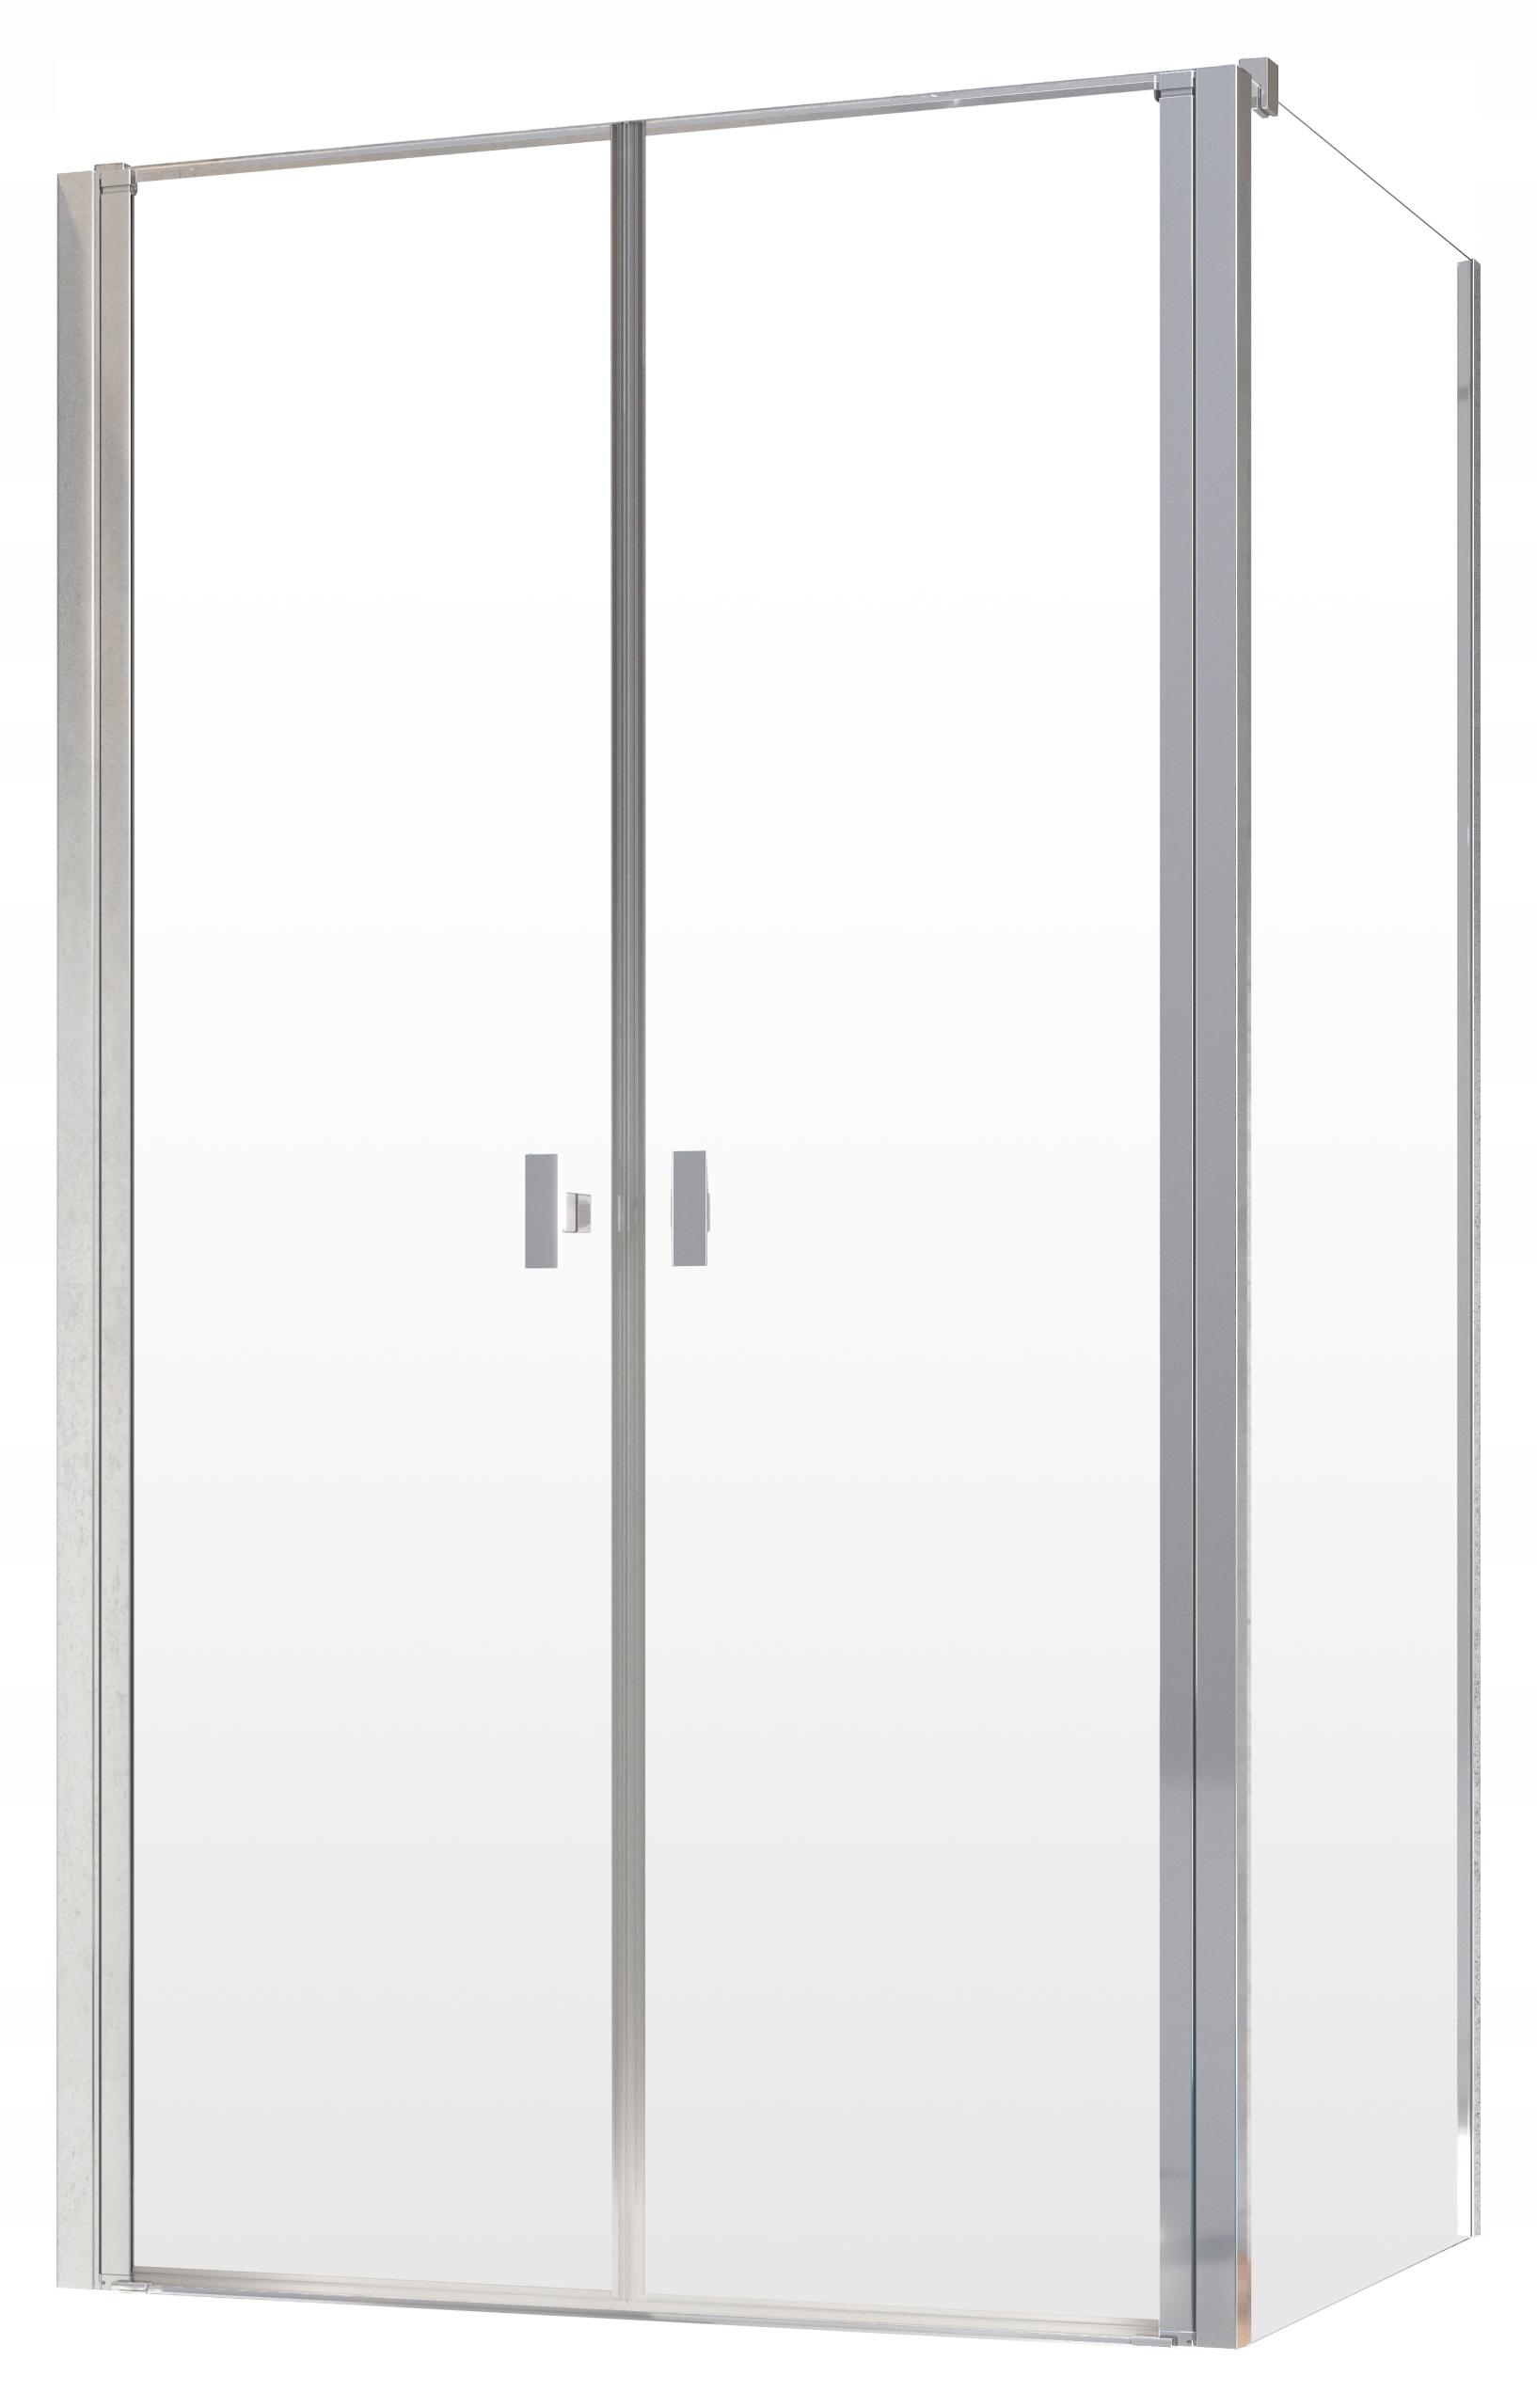 Sprchový kút Nes DWD + S 120x100x200 RADAWAY